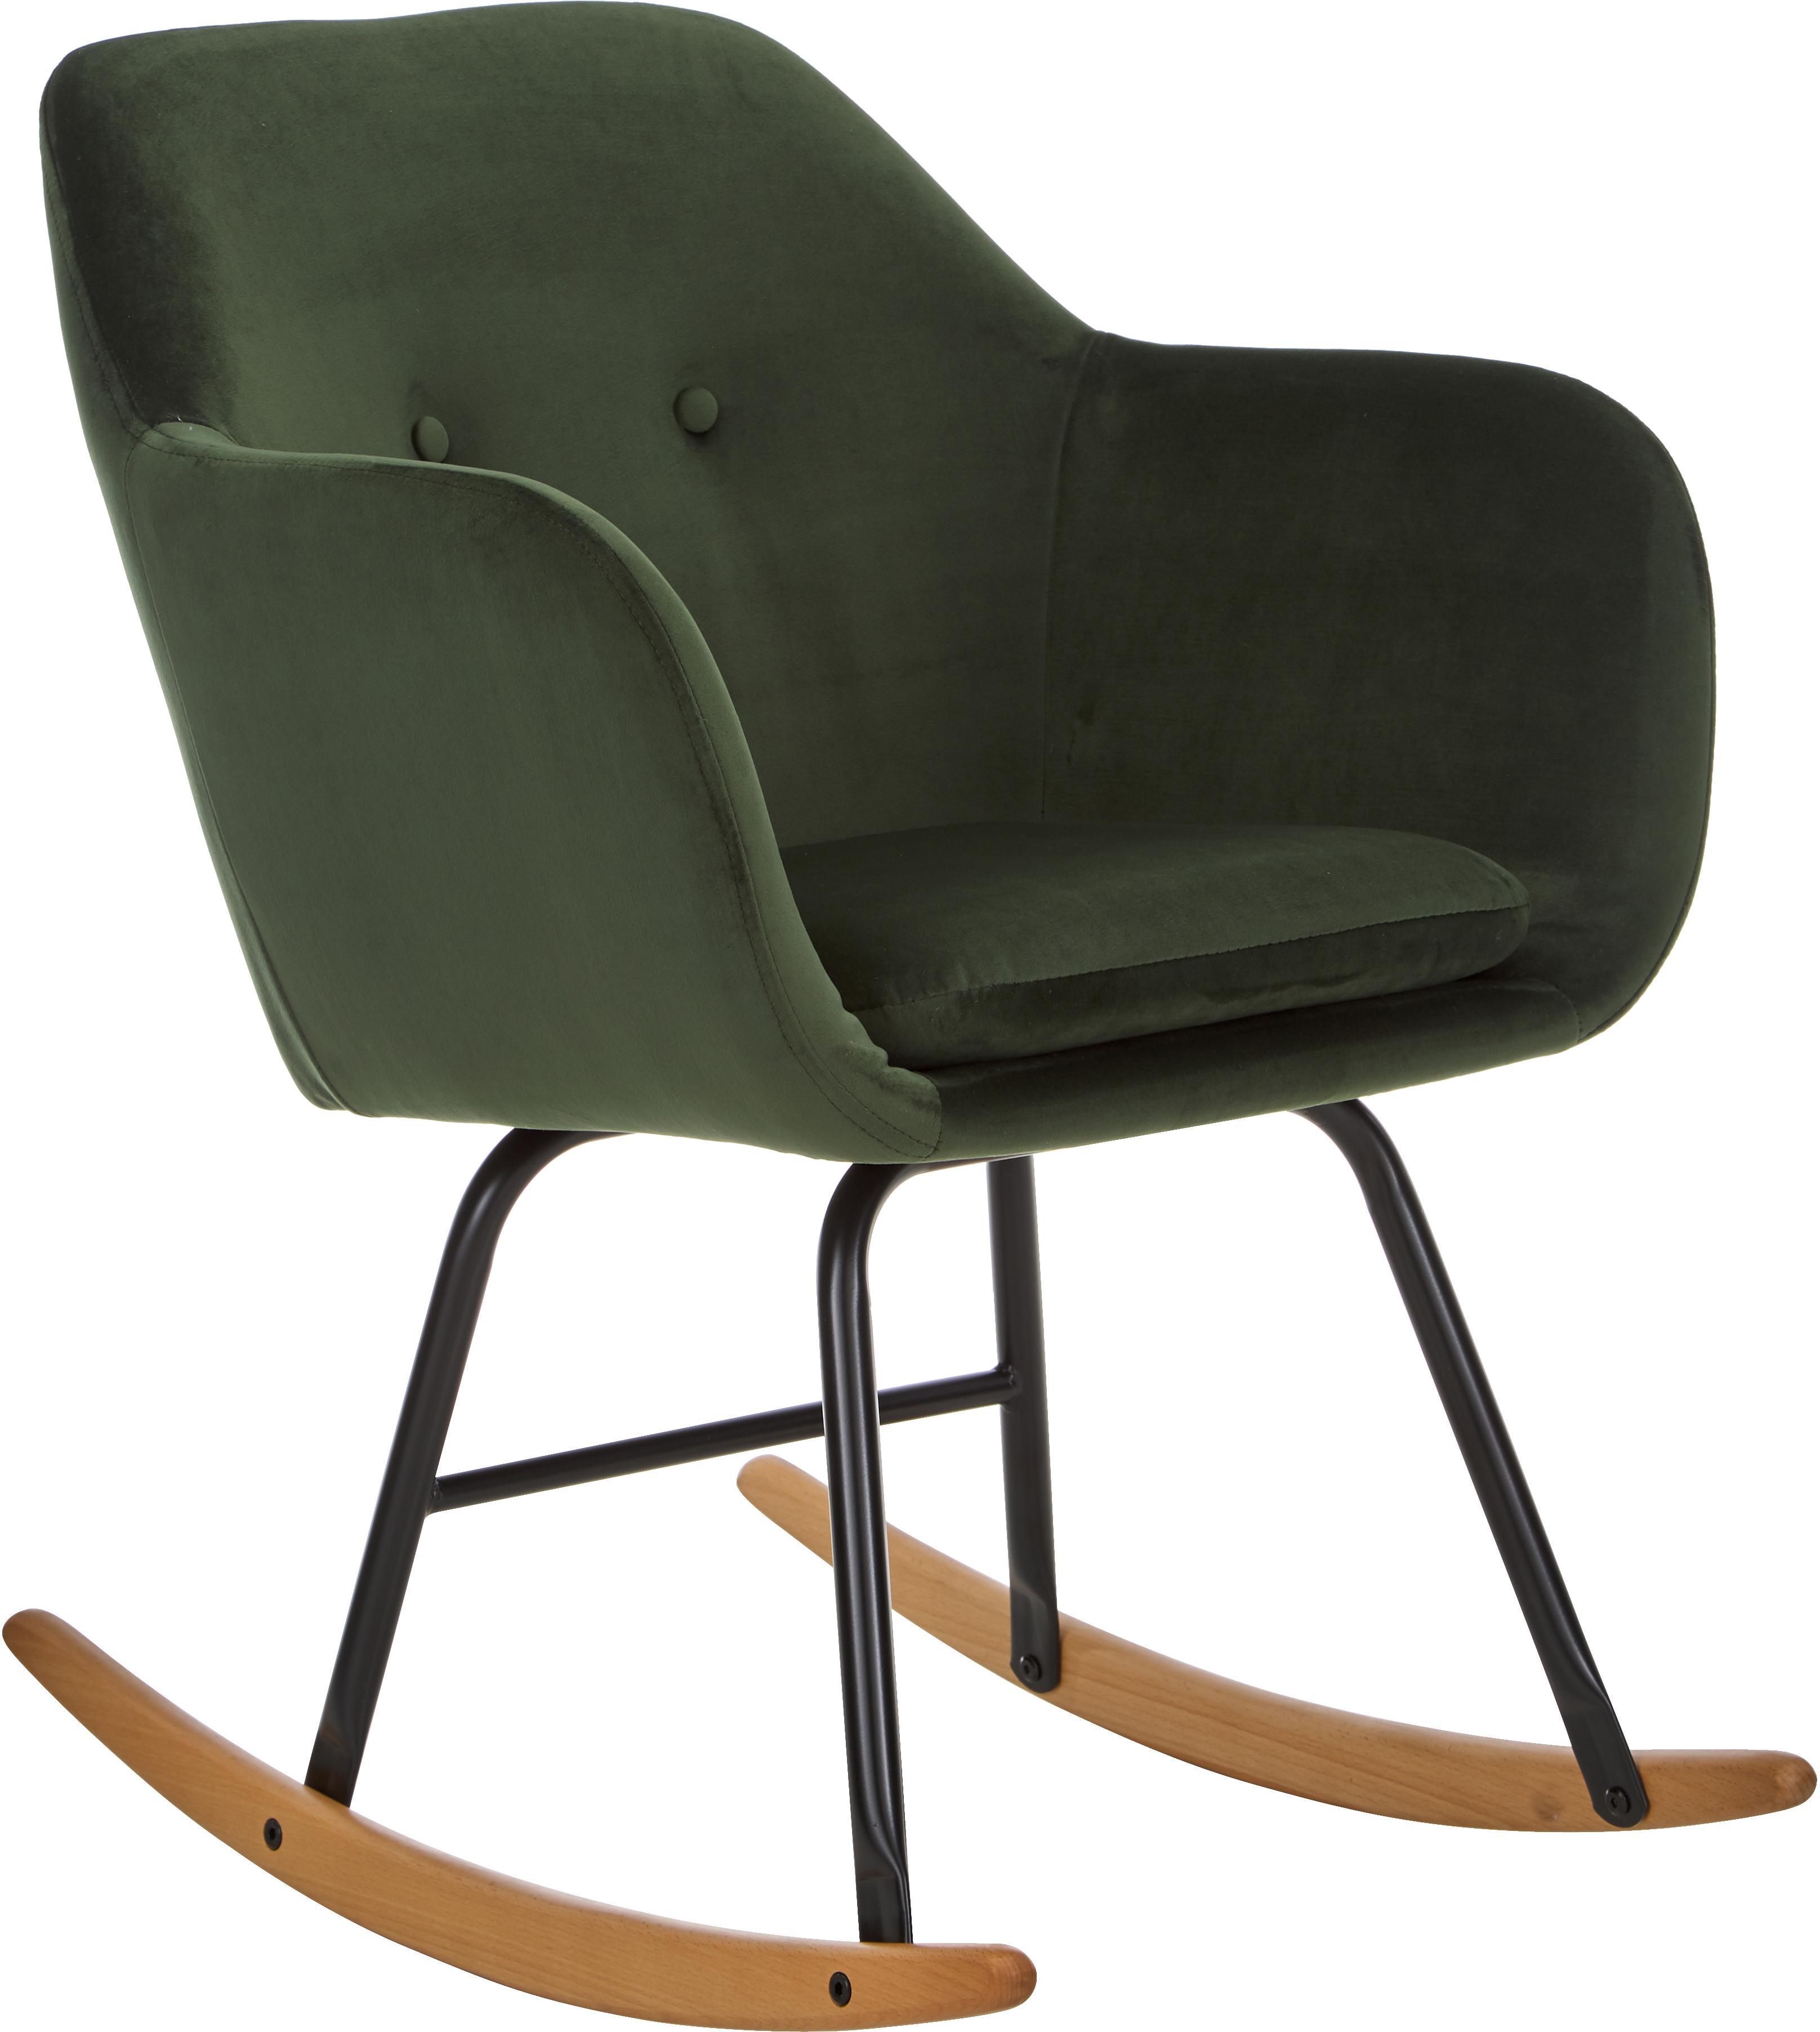 Sedia a dondolo in velluto verde Emilia, Rivestimento: poliestere (velluto) 25.0, Gambe: metallo verniciato a polv, Verde, Larg. 57 x Alt. 81 cm